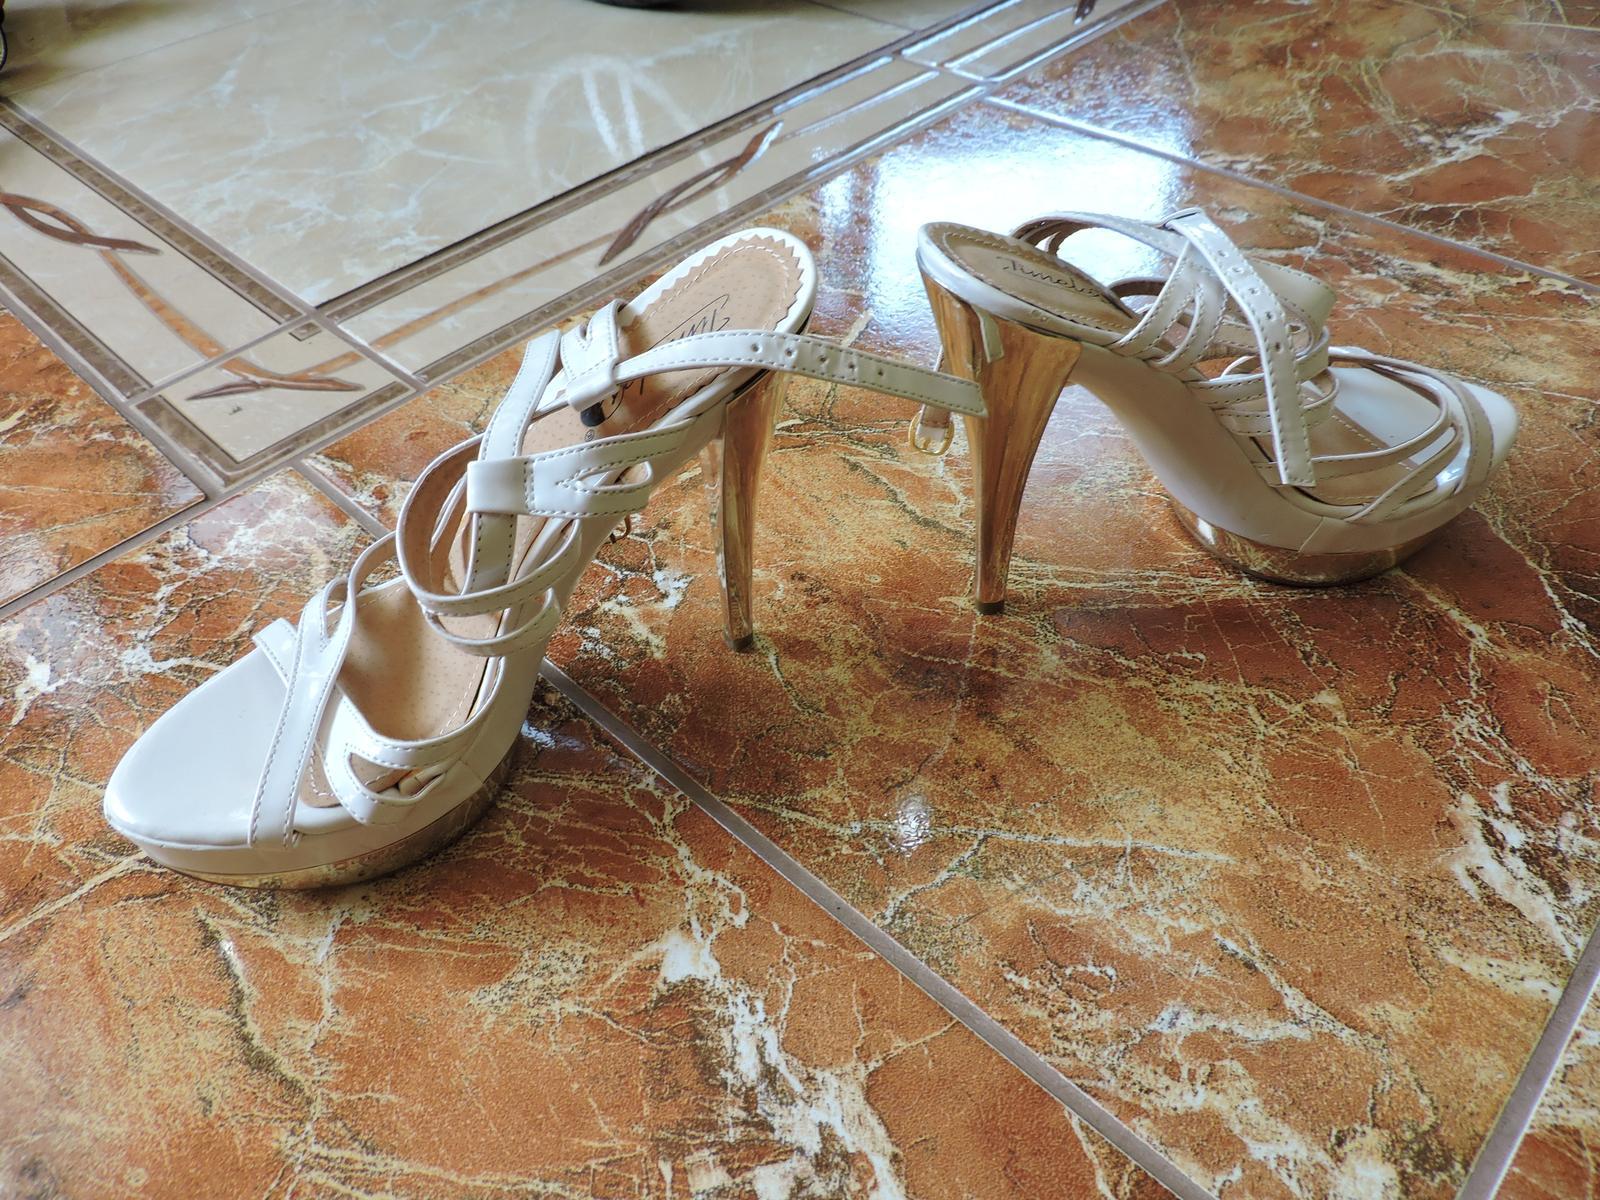 biele sandále so zlatou podrážkou - Obrázok č. 2